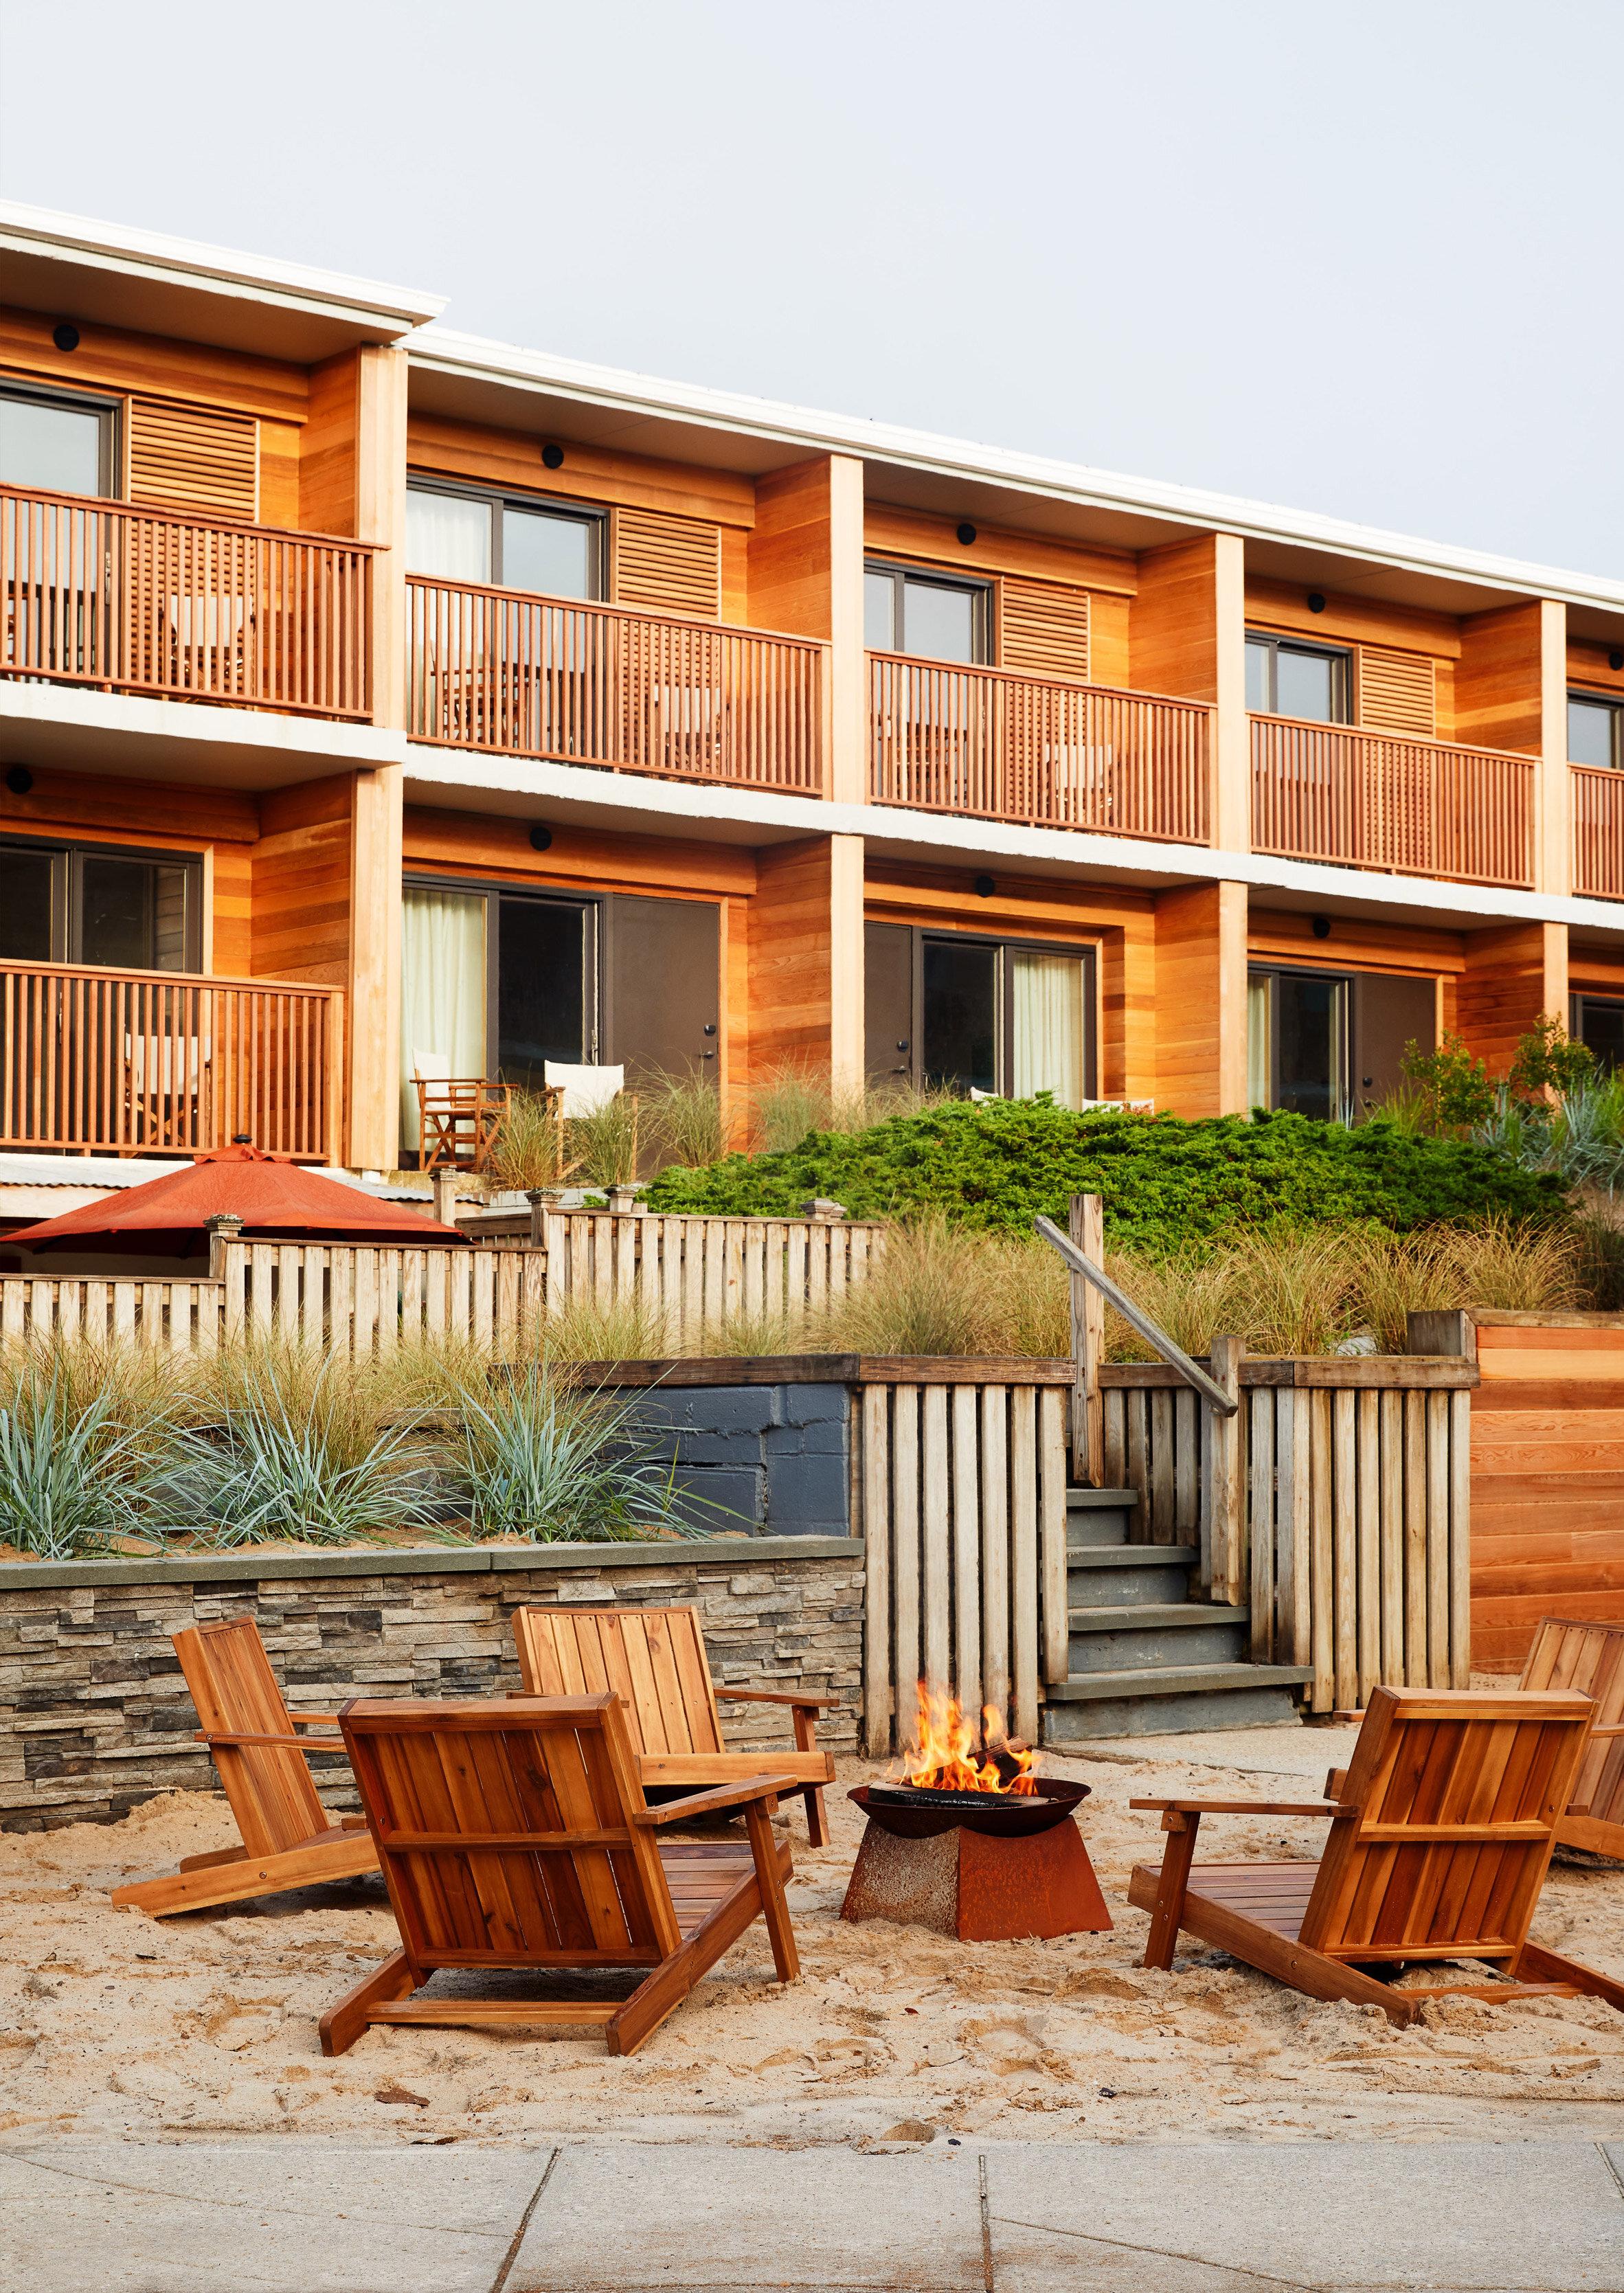 marram-hotel-bridgeton-studio-tack_dezeen_2364_col_15.jpg